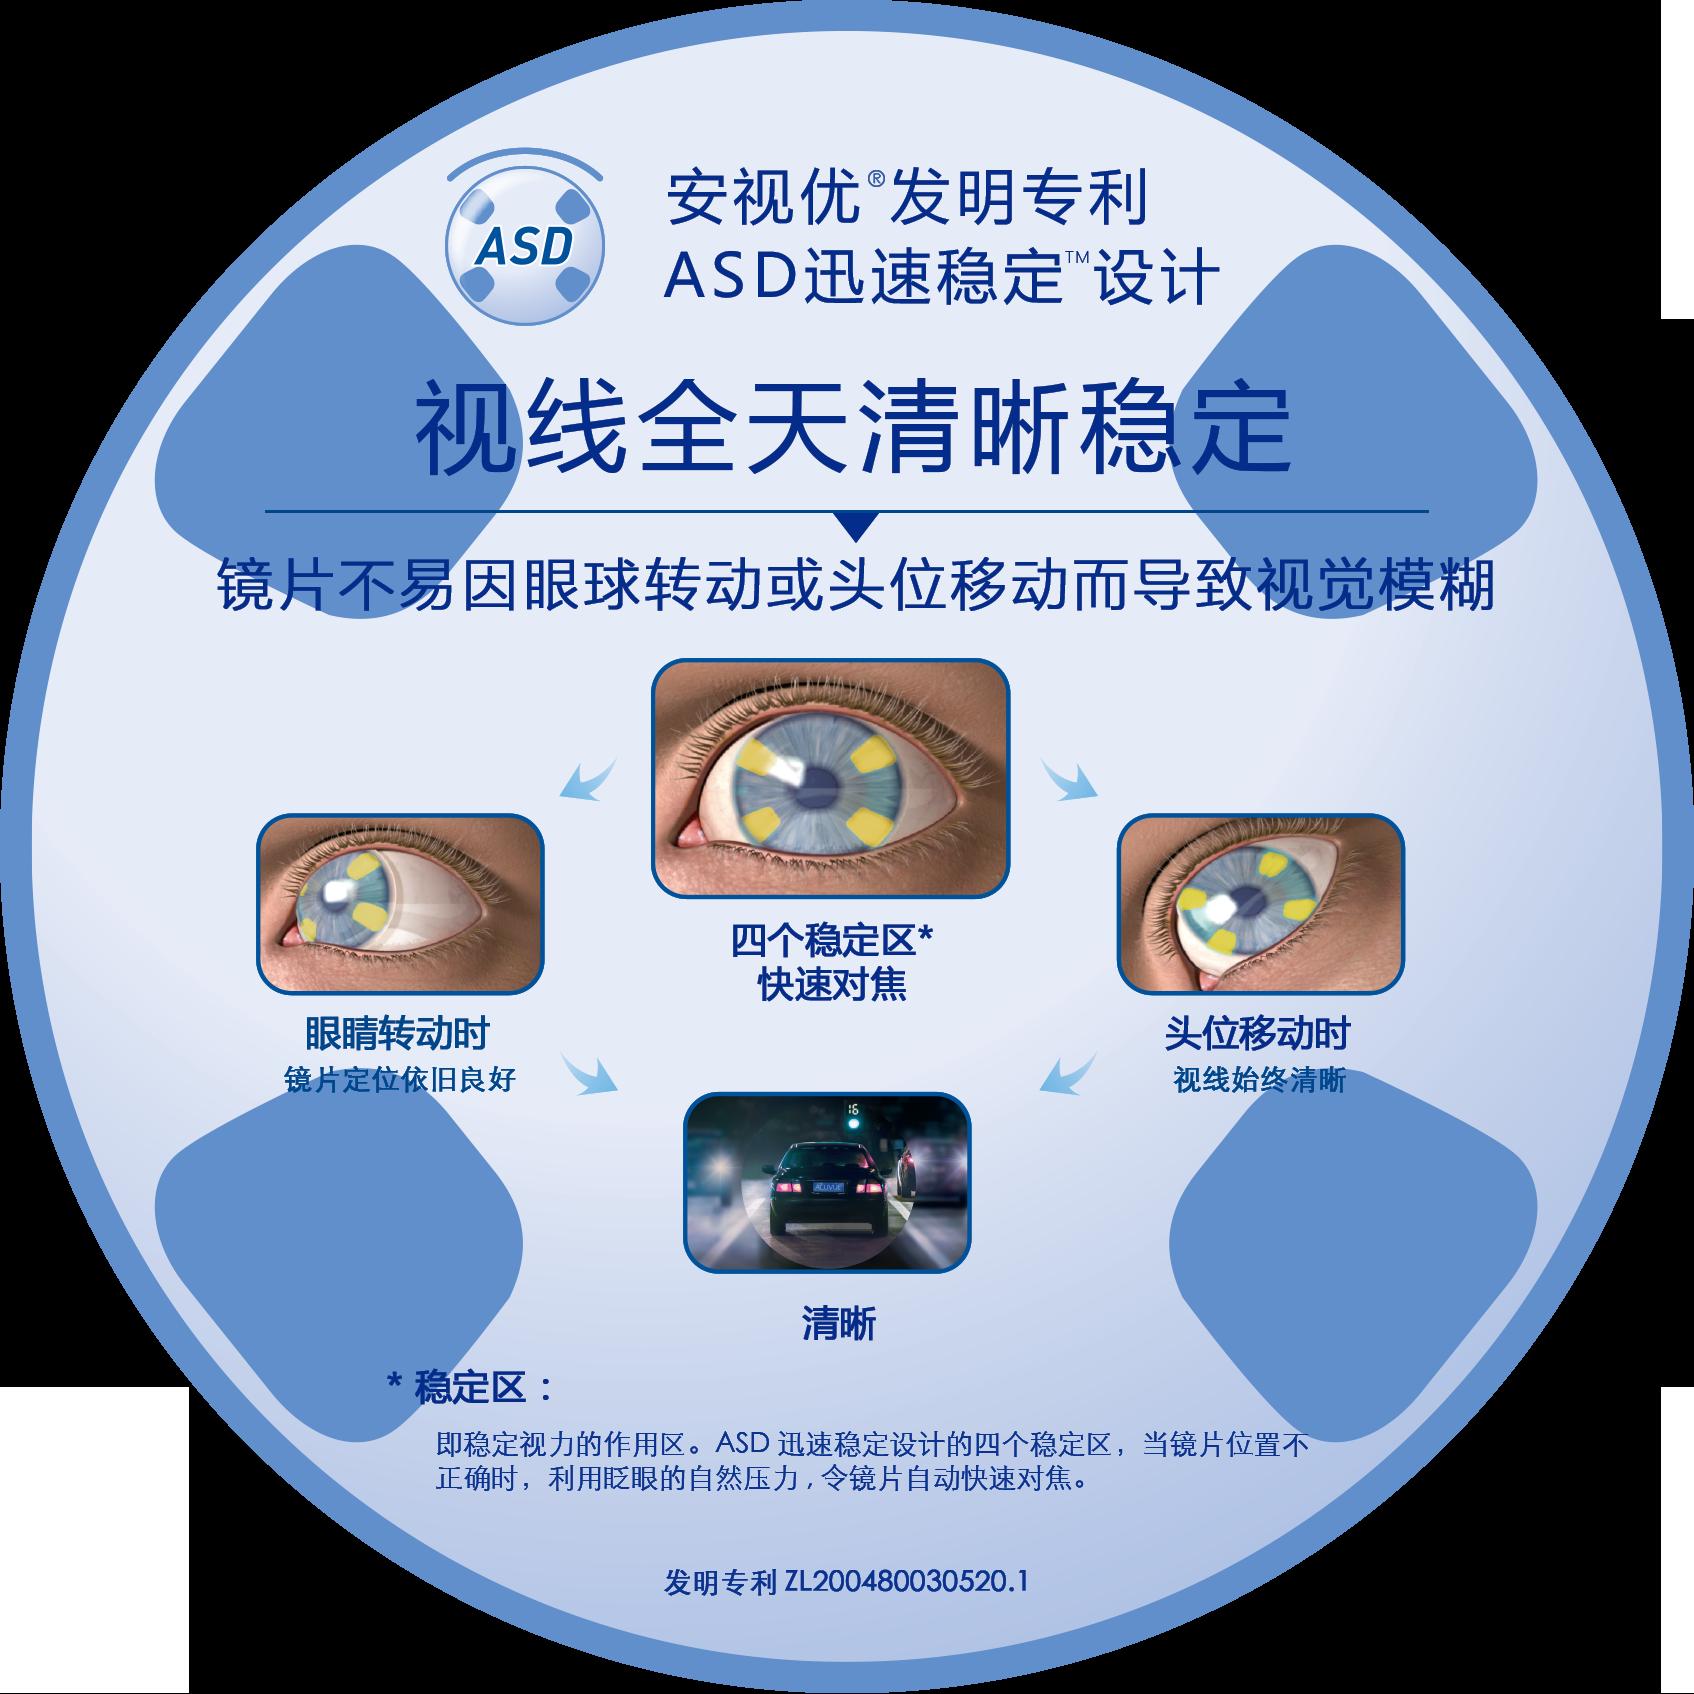 安视优散光镜片专利ASD迅速稳定设计